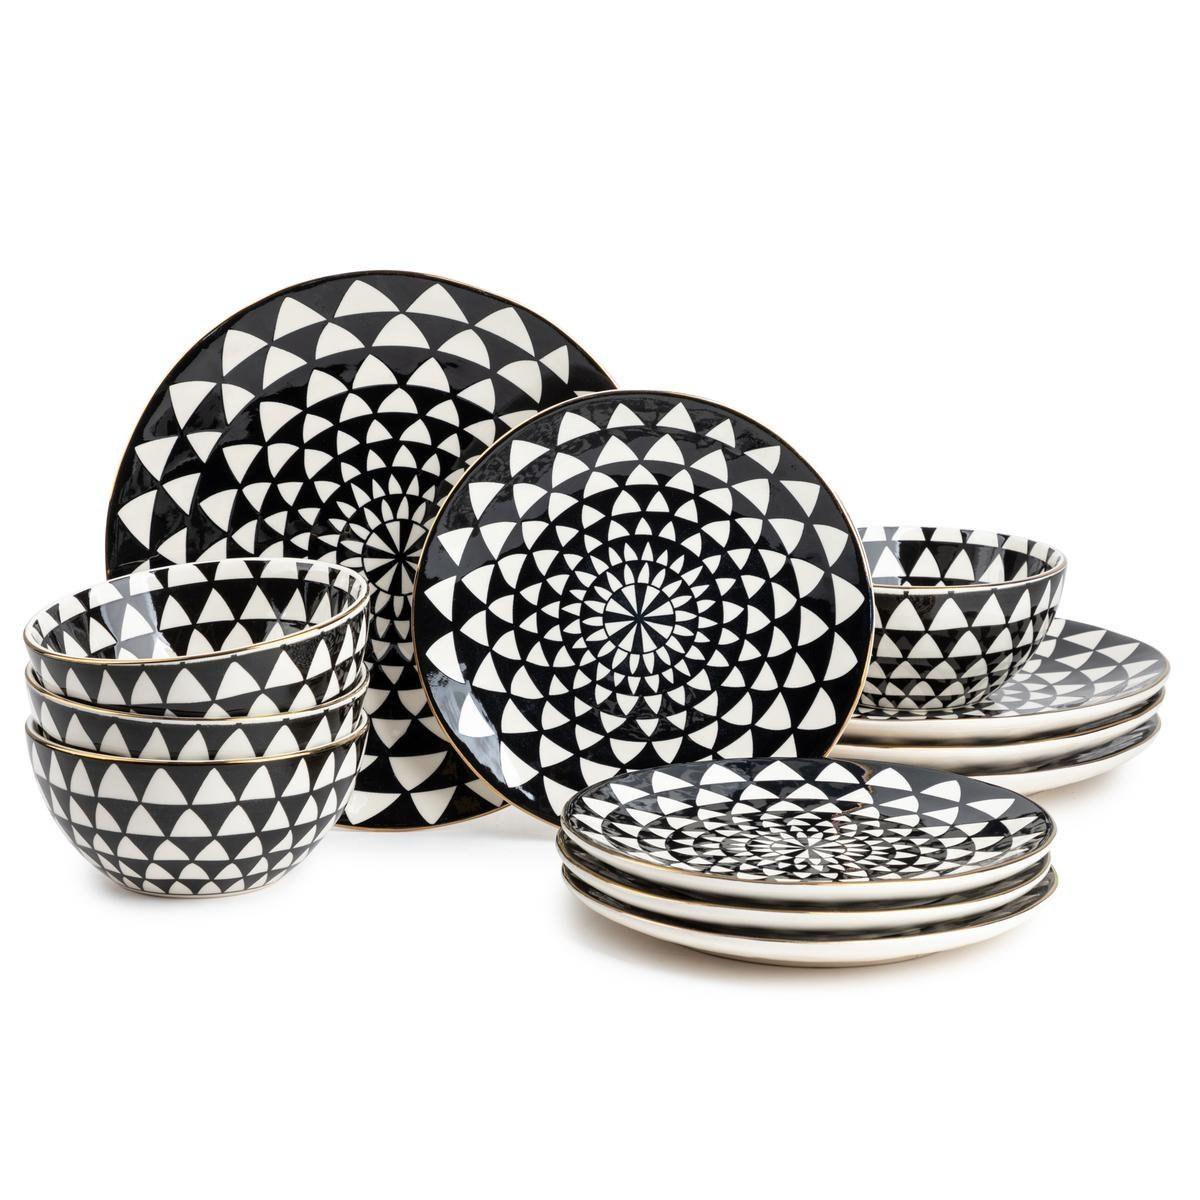 Black and white dinnerware set